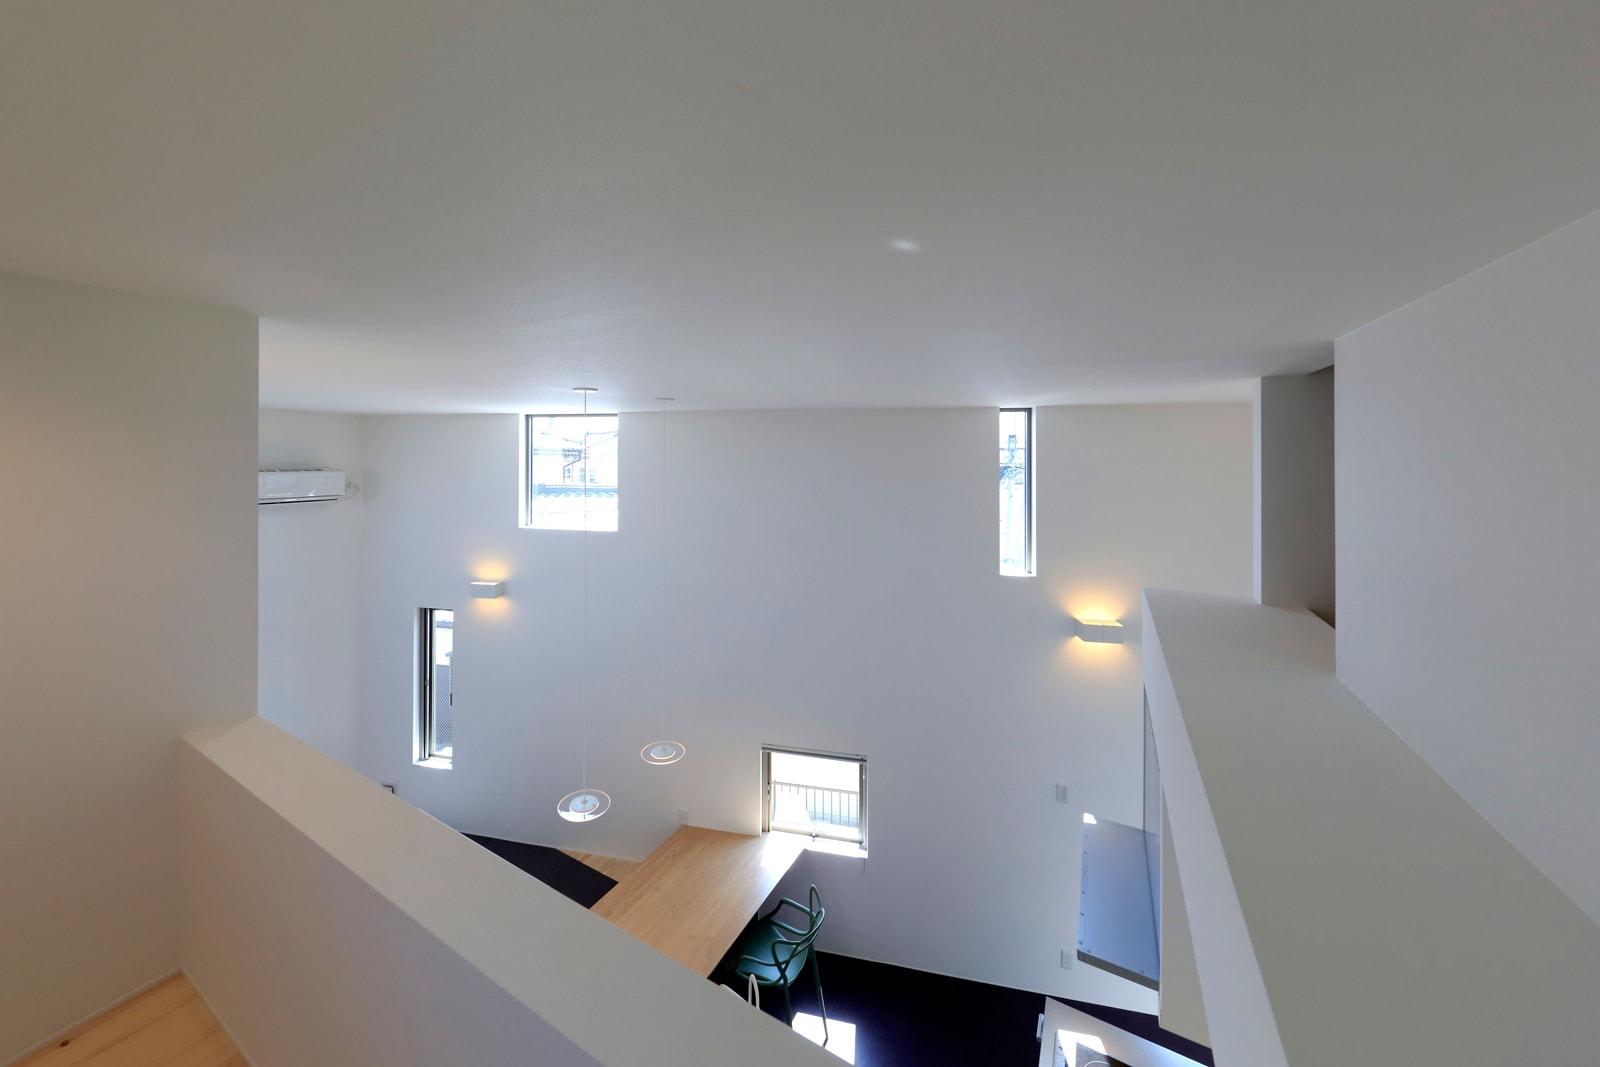 寝室側のロフトからは2階LDKが見えるようになっている